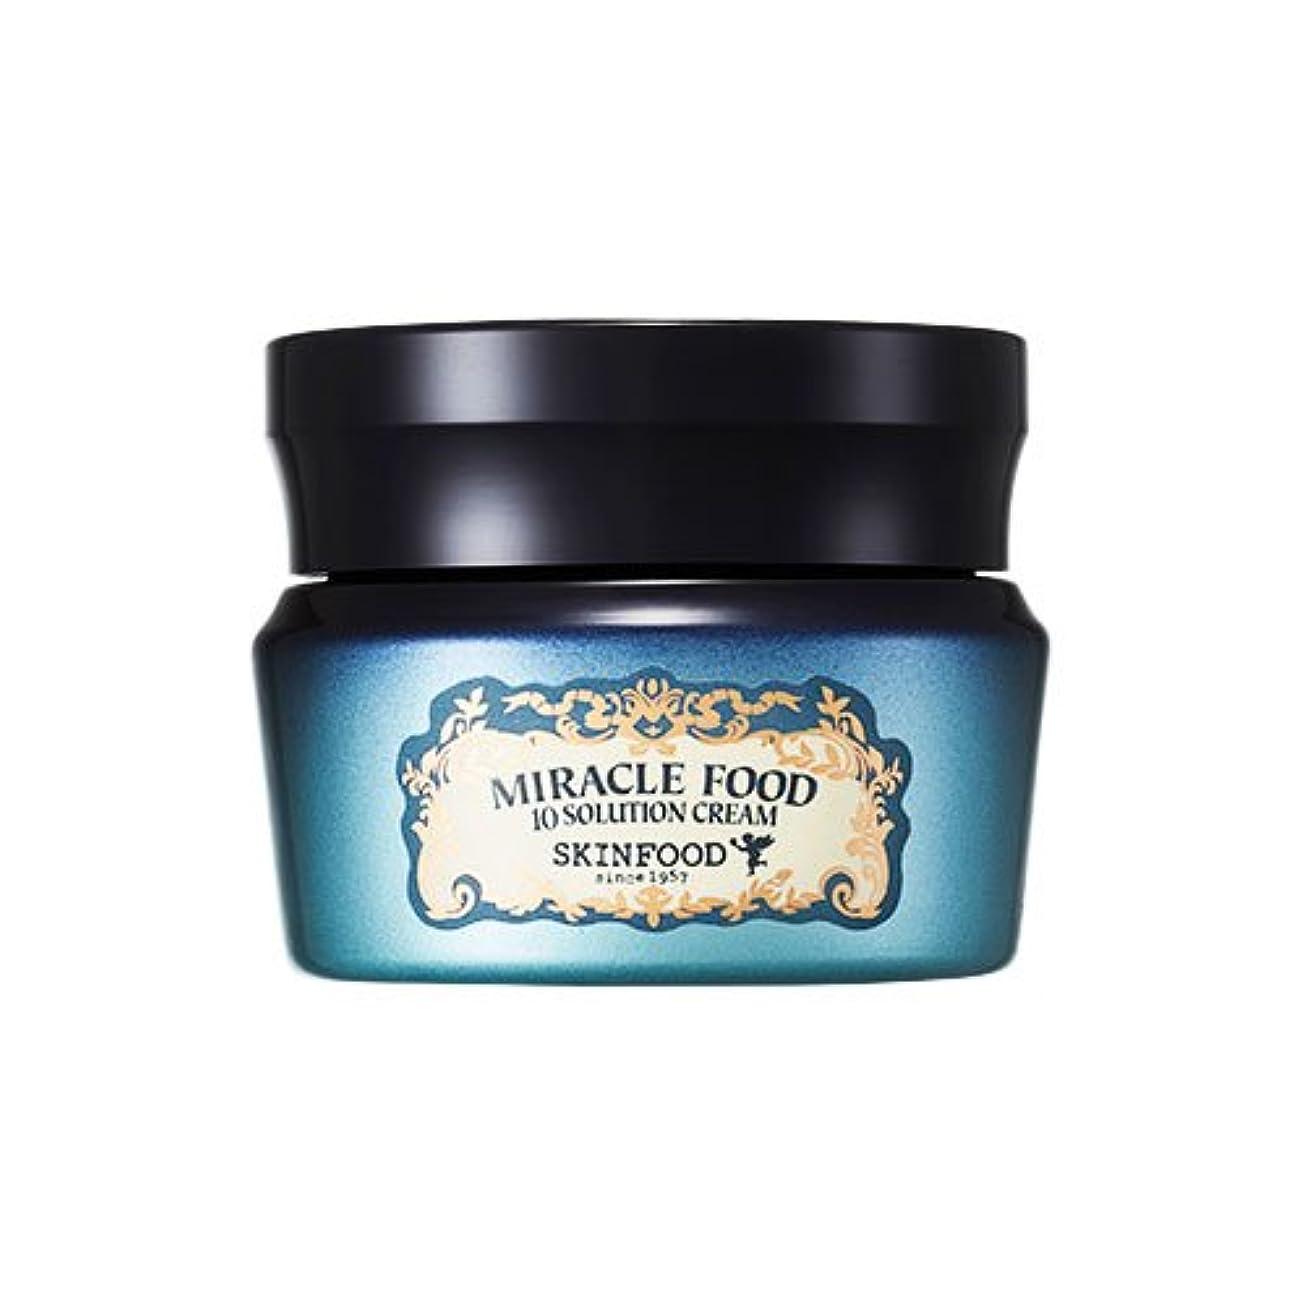 サスペンション望遠鏡欠陥Skinfood ミラクルフード10ソリューションクリーム(美白効果としわ防止効果) / Miracle Food 10 Solution Cream (Skin-Brightening and Anti-Wrinkle...